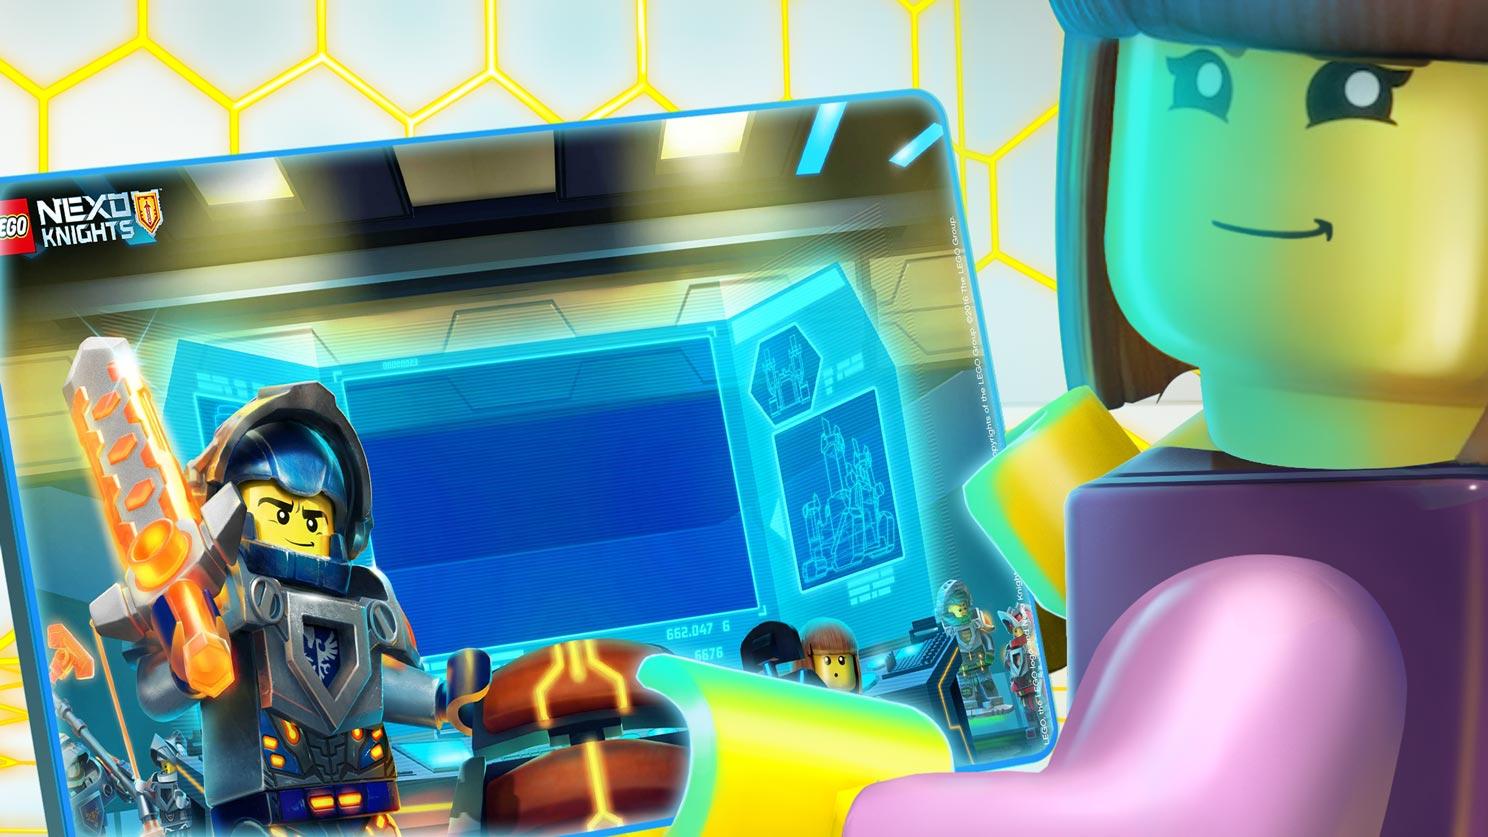 Control Room   Wallpapers   Activities   NEXO KNIGHTS LEGOcom 1488x837